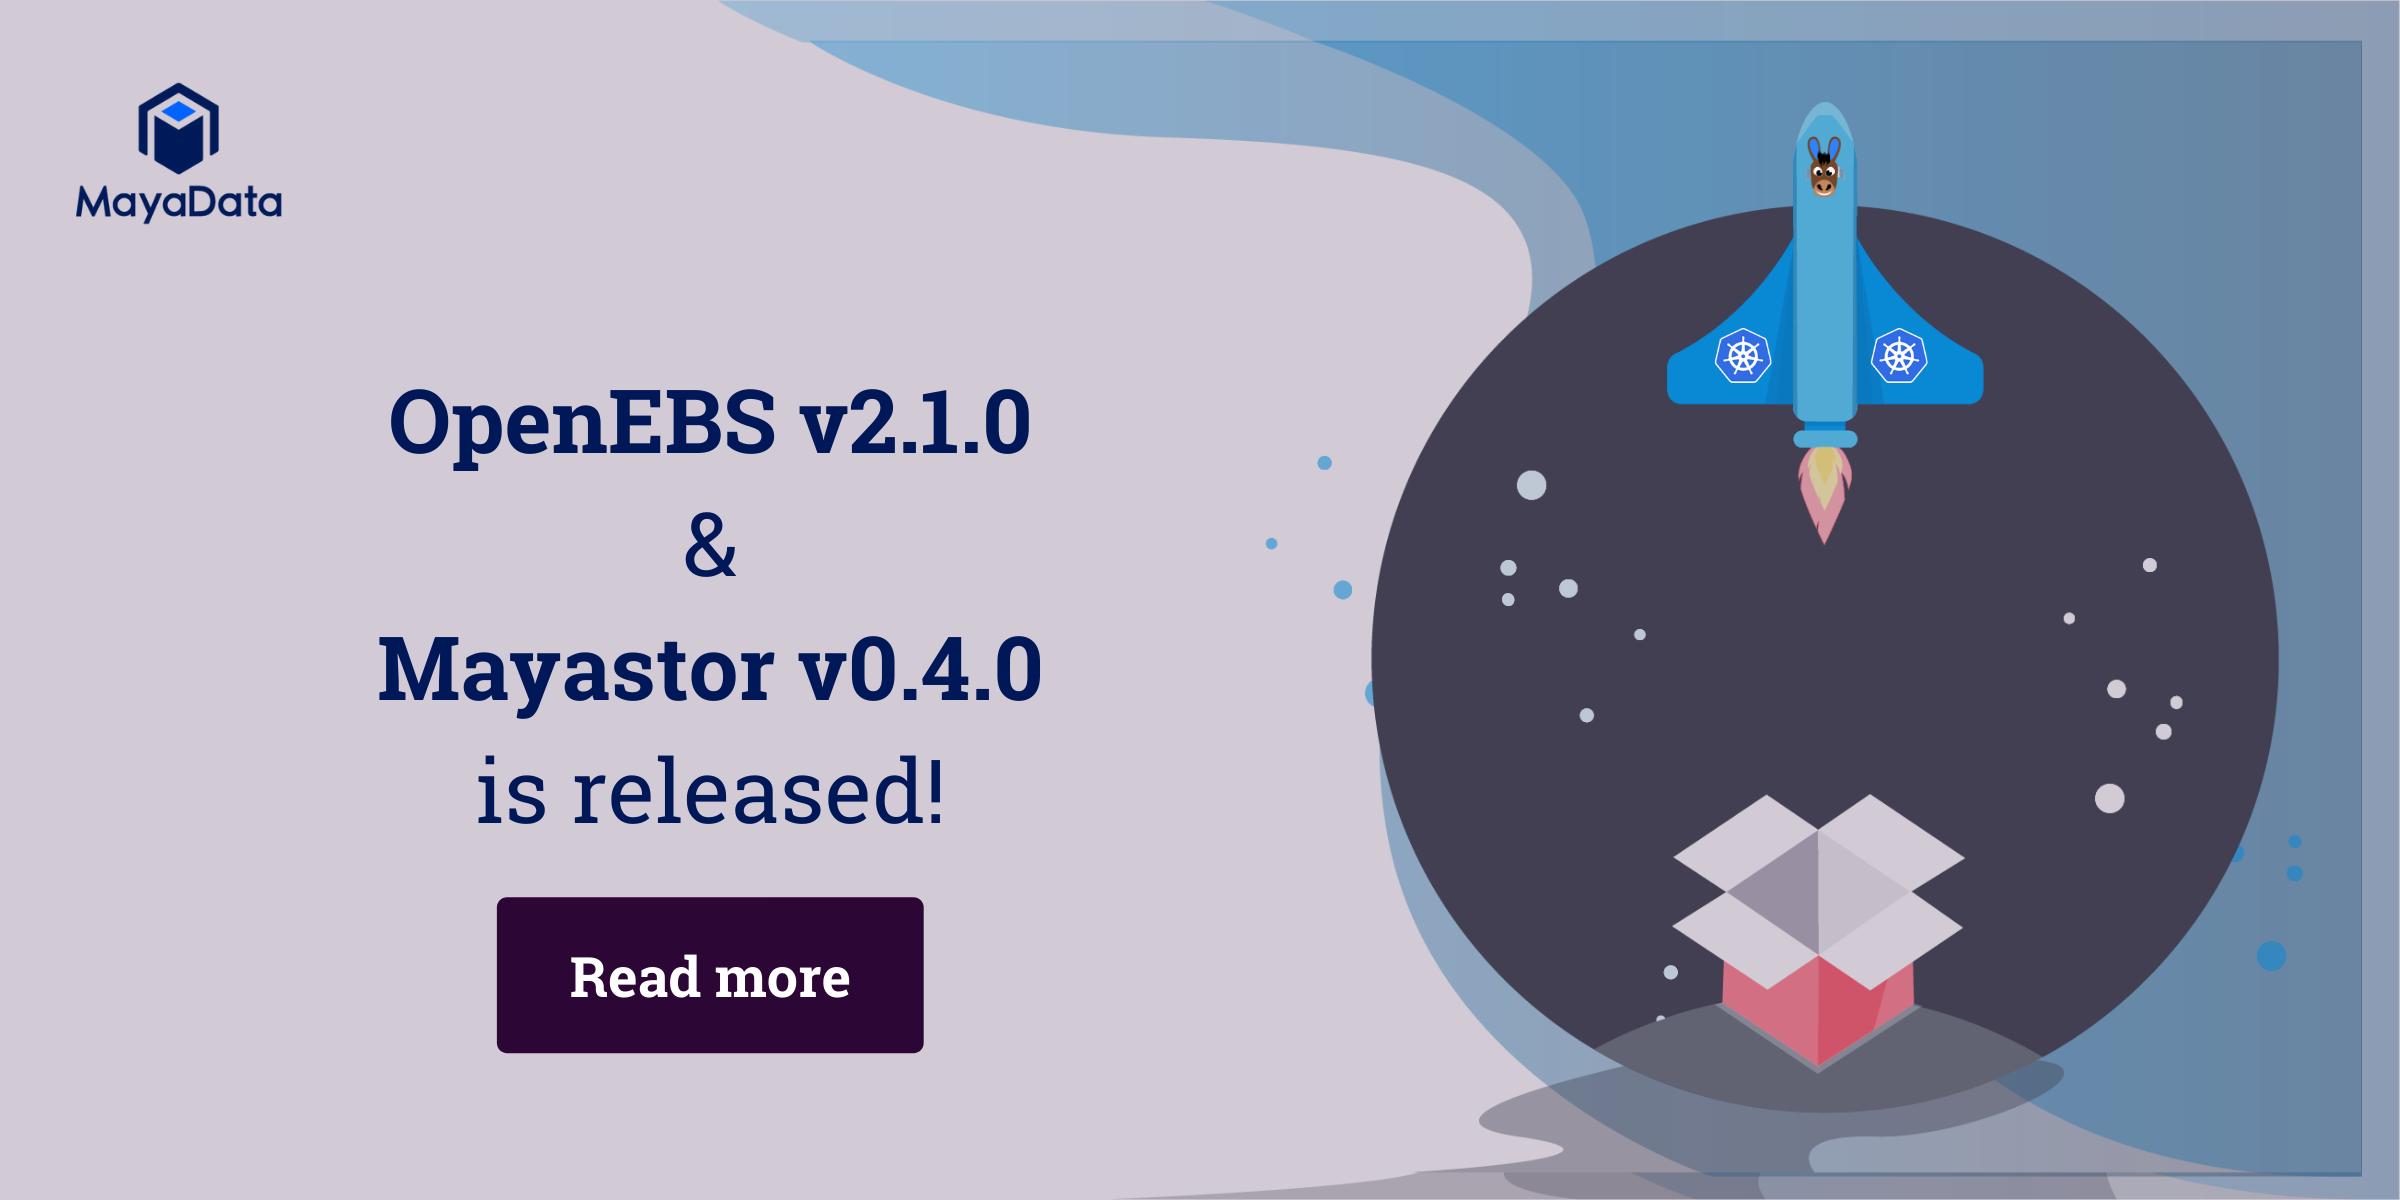 OpenEBS v2.1.0 &Mayastor v0.4.0 Released